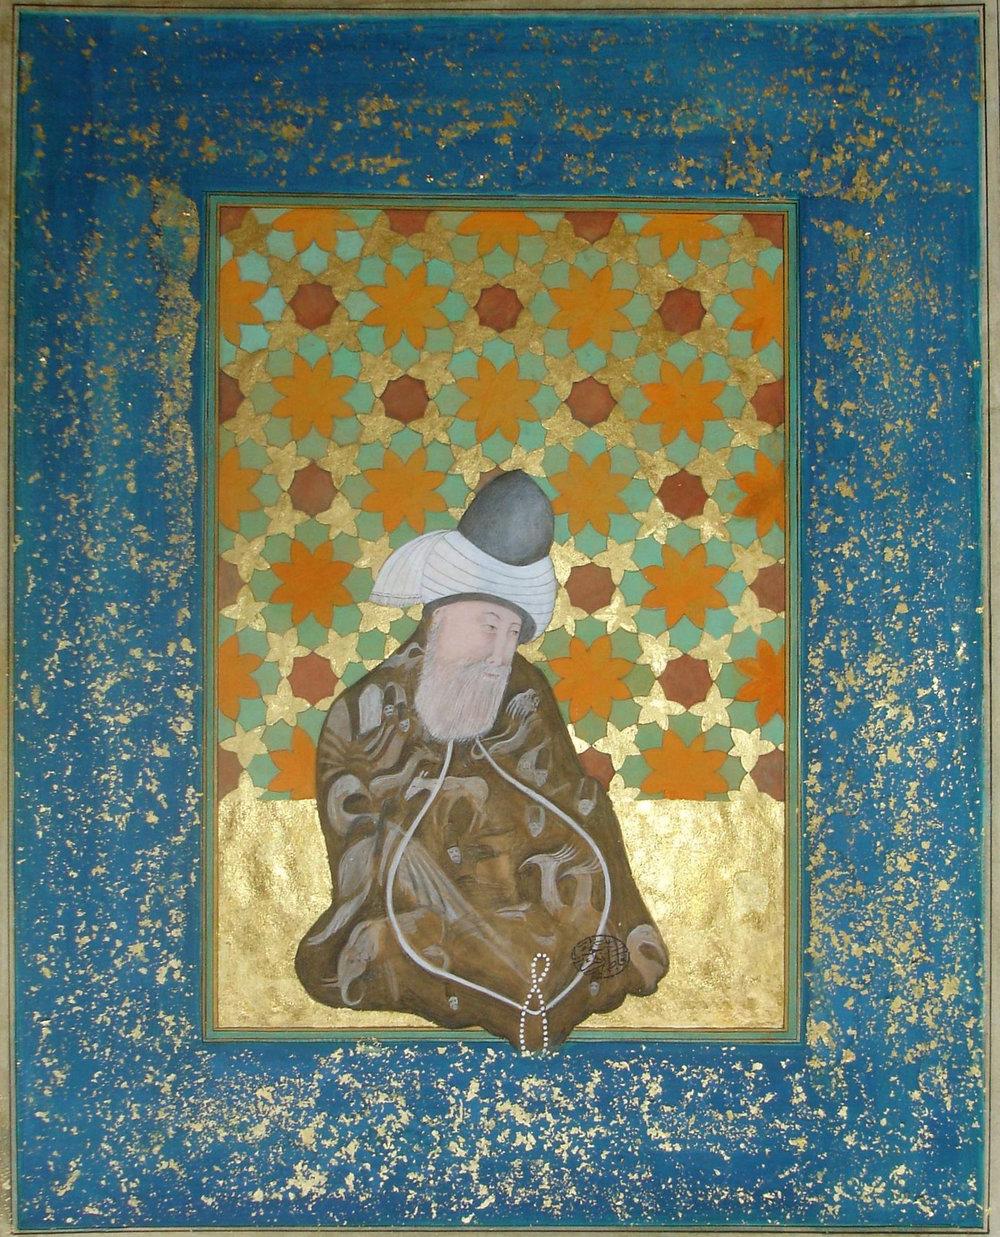 Rumi - The Seeker_2004_07jpg.jpg